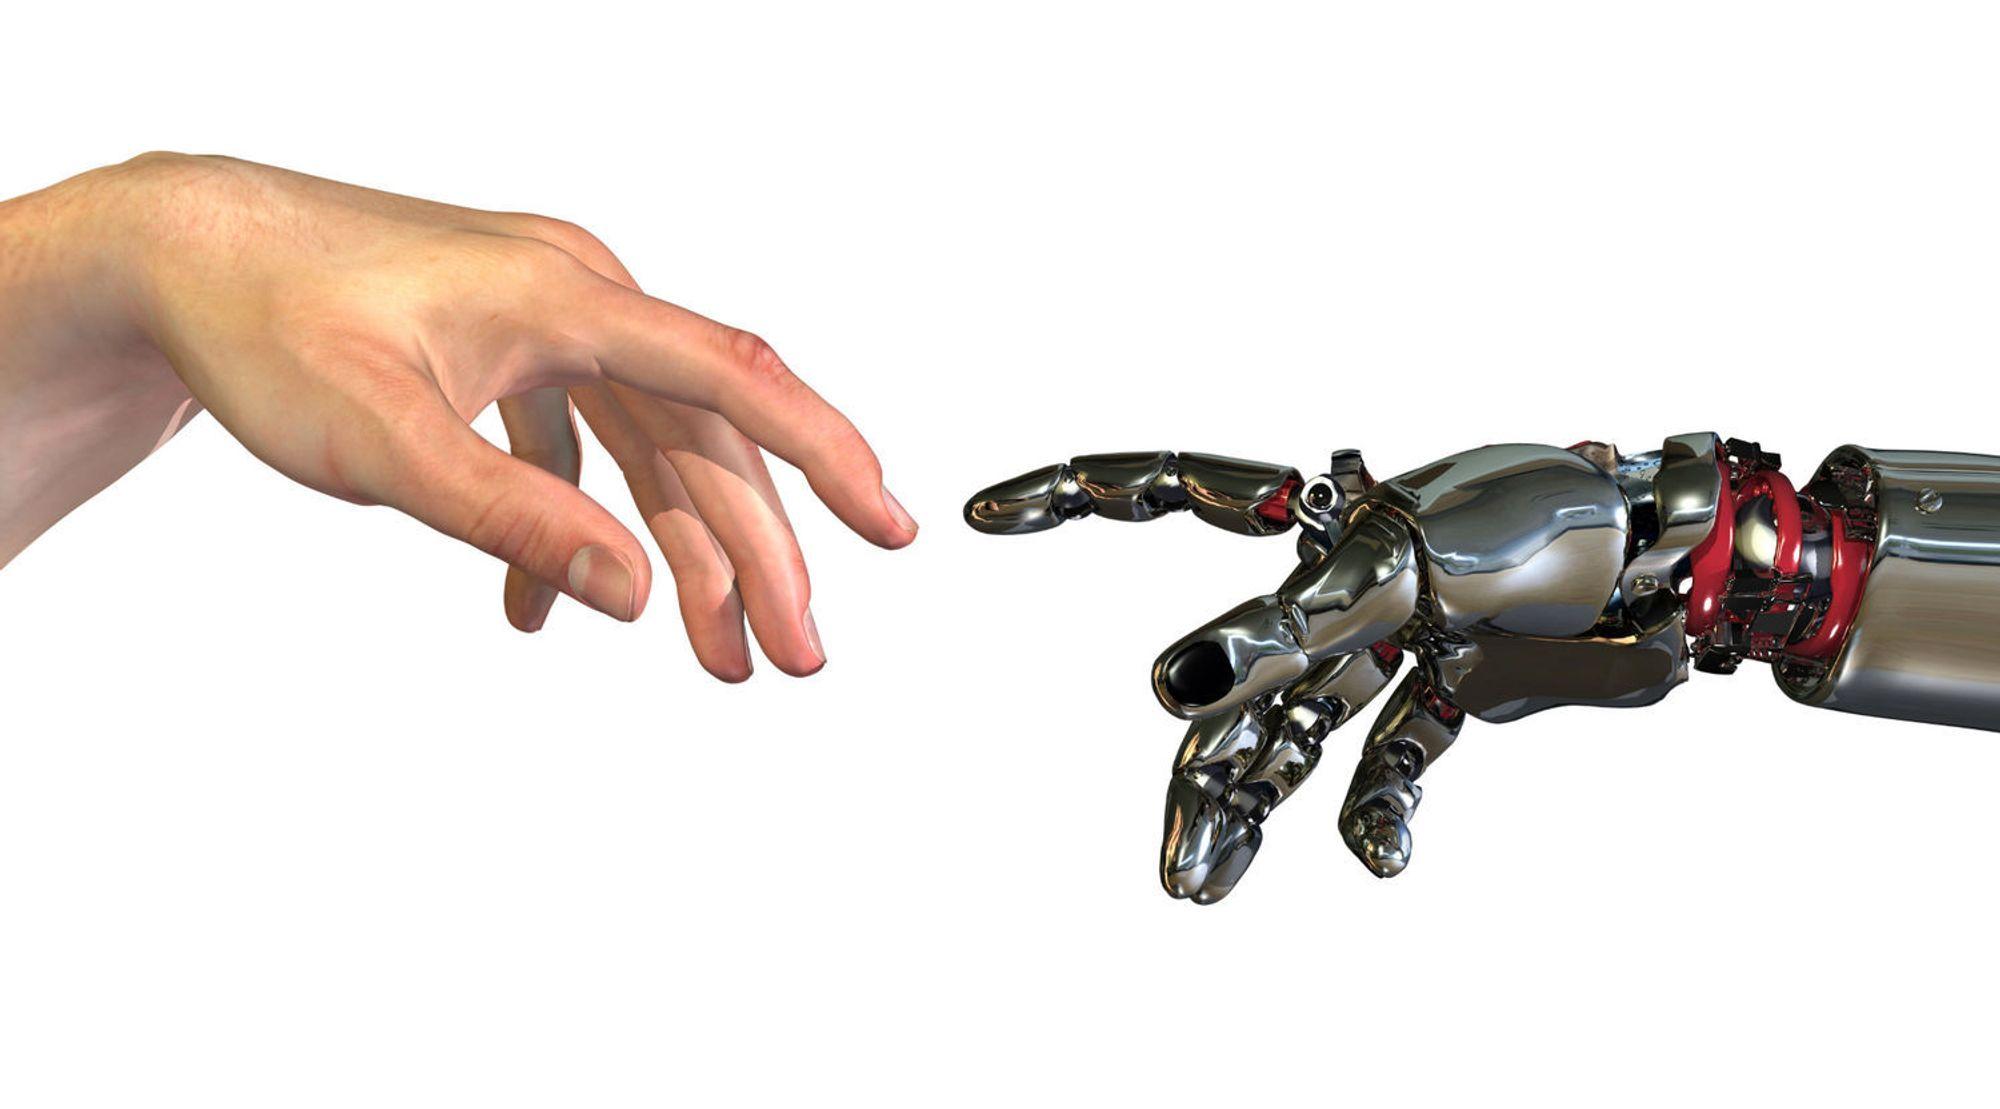 Enkelte EU-politikere mener det er på tide å inkludere smarte roboters rettigheter og forpliktelser i lovverket.